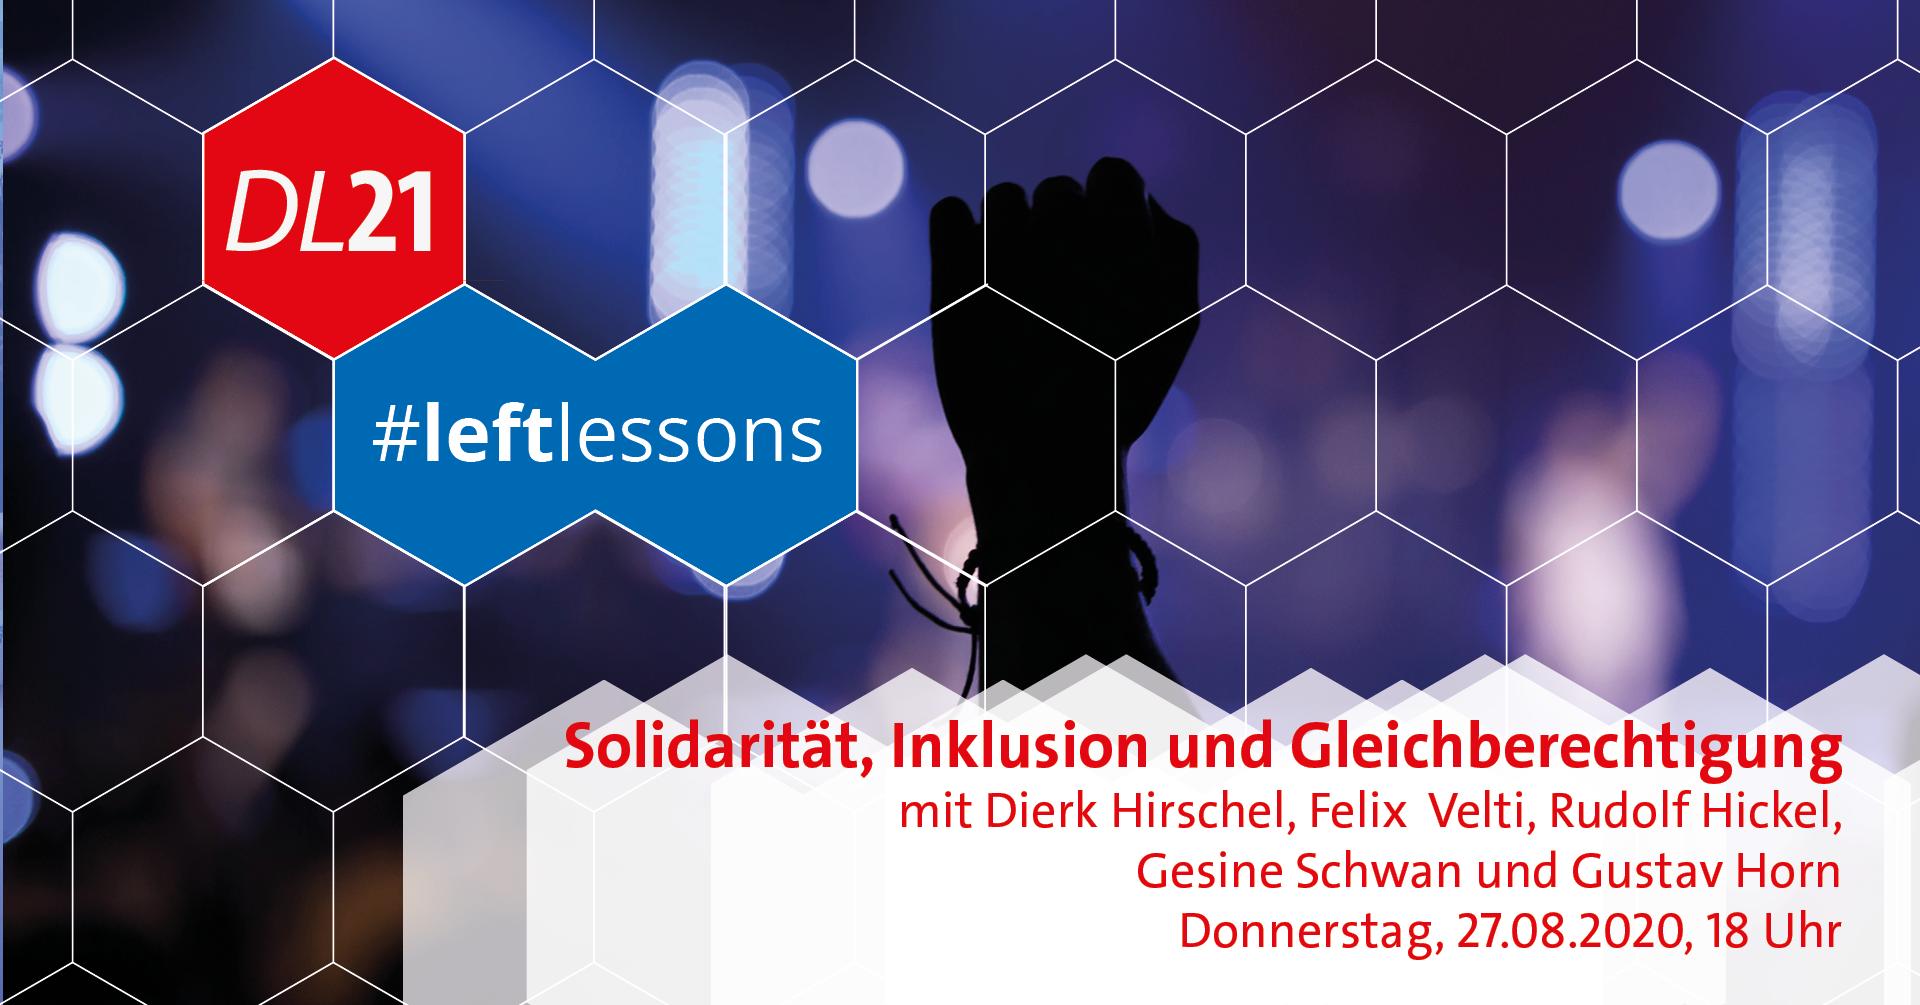 Solidarität Inklusion und Gleichberechtigung